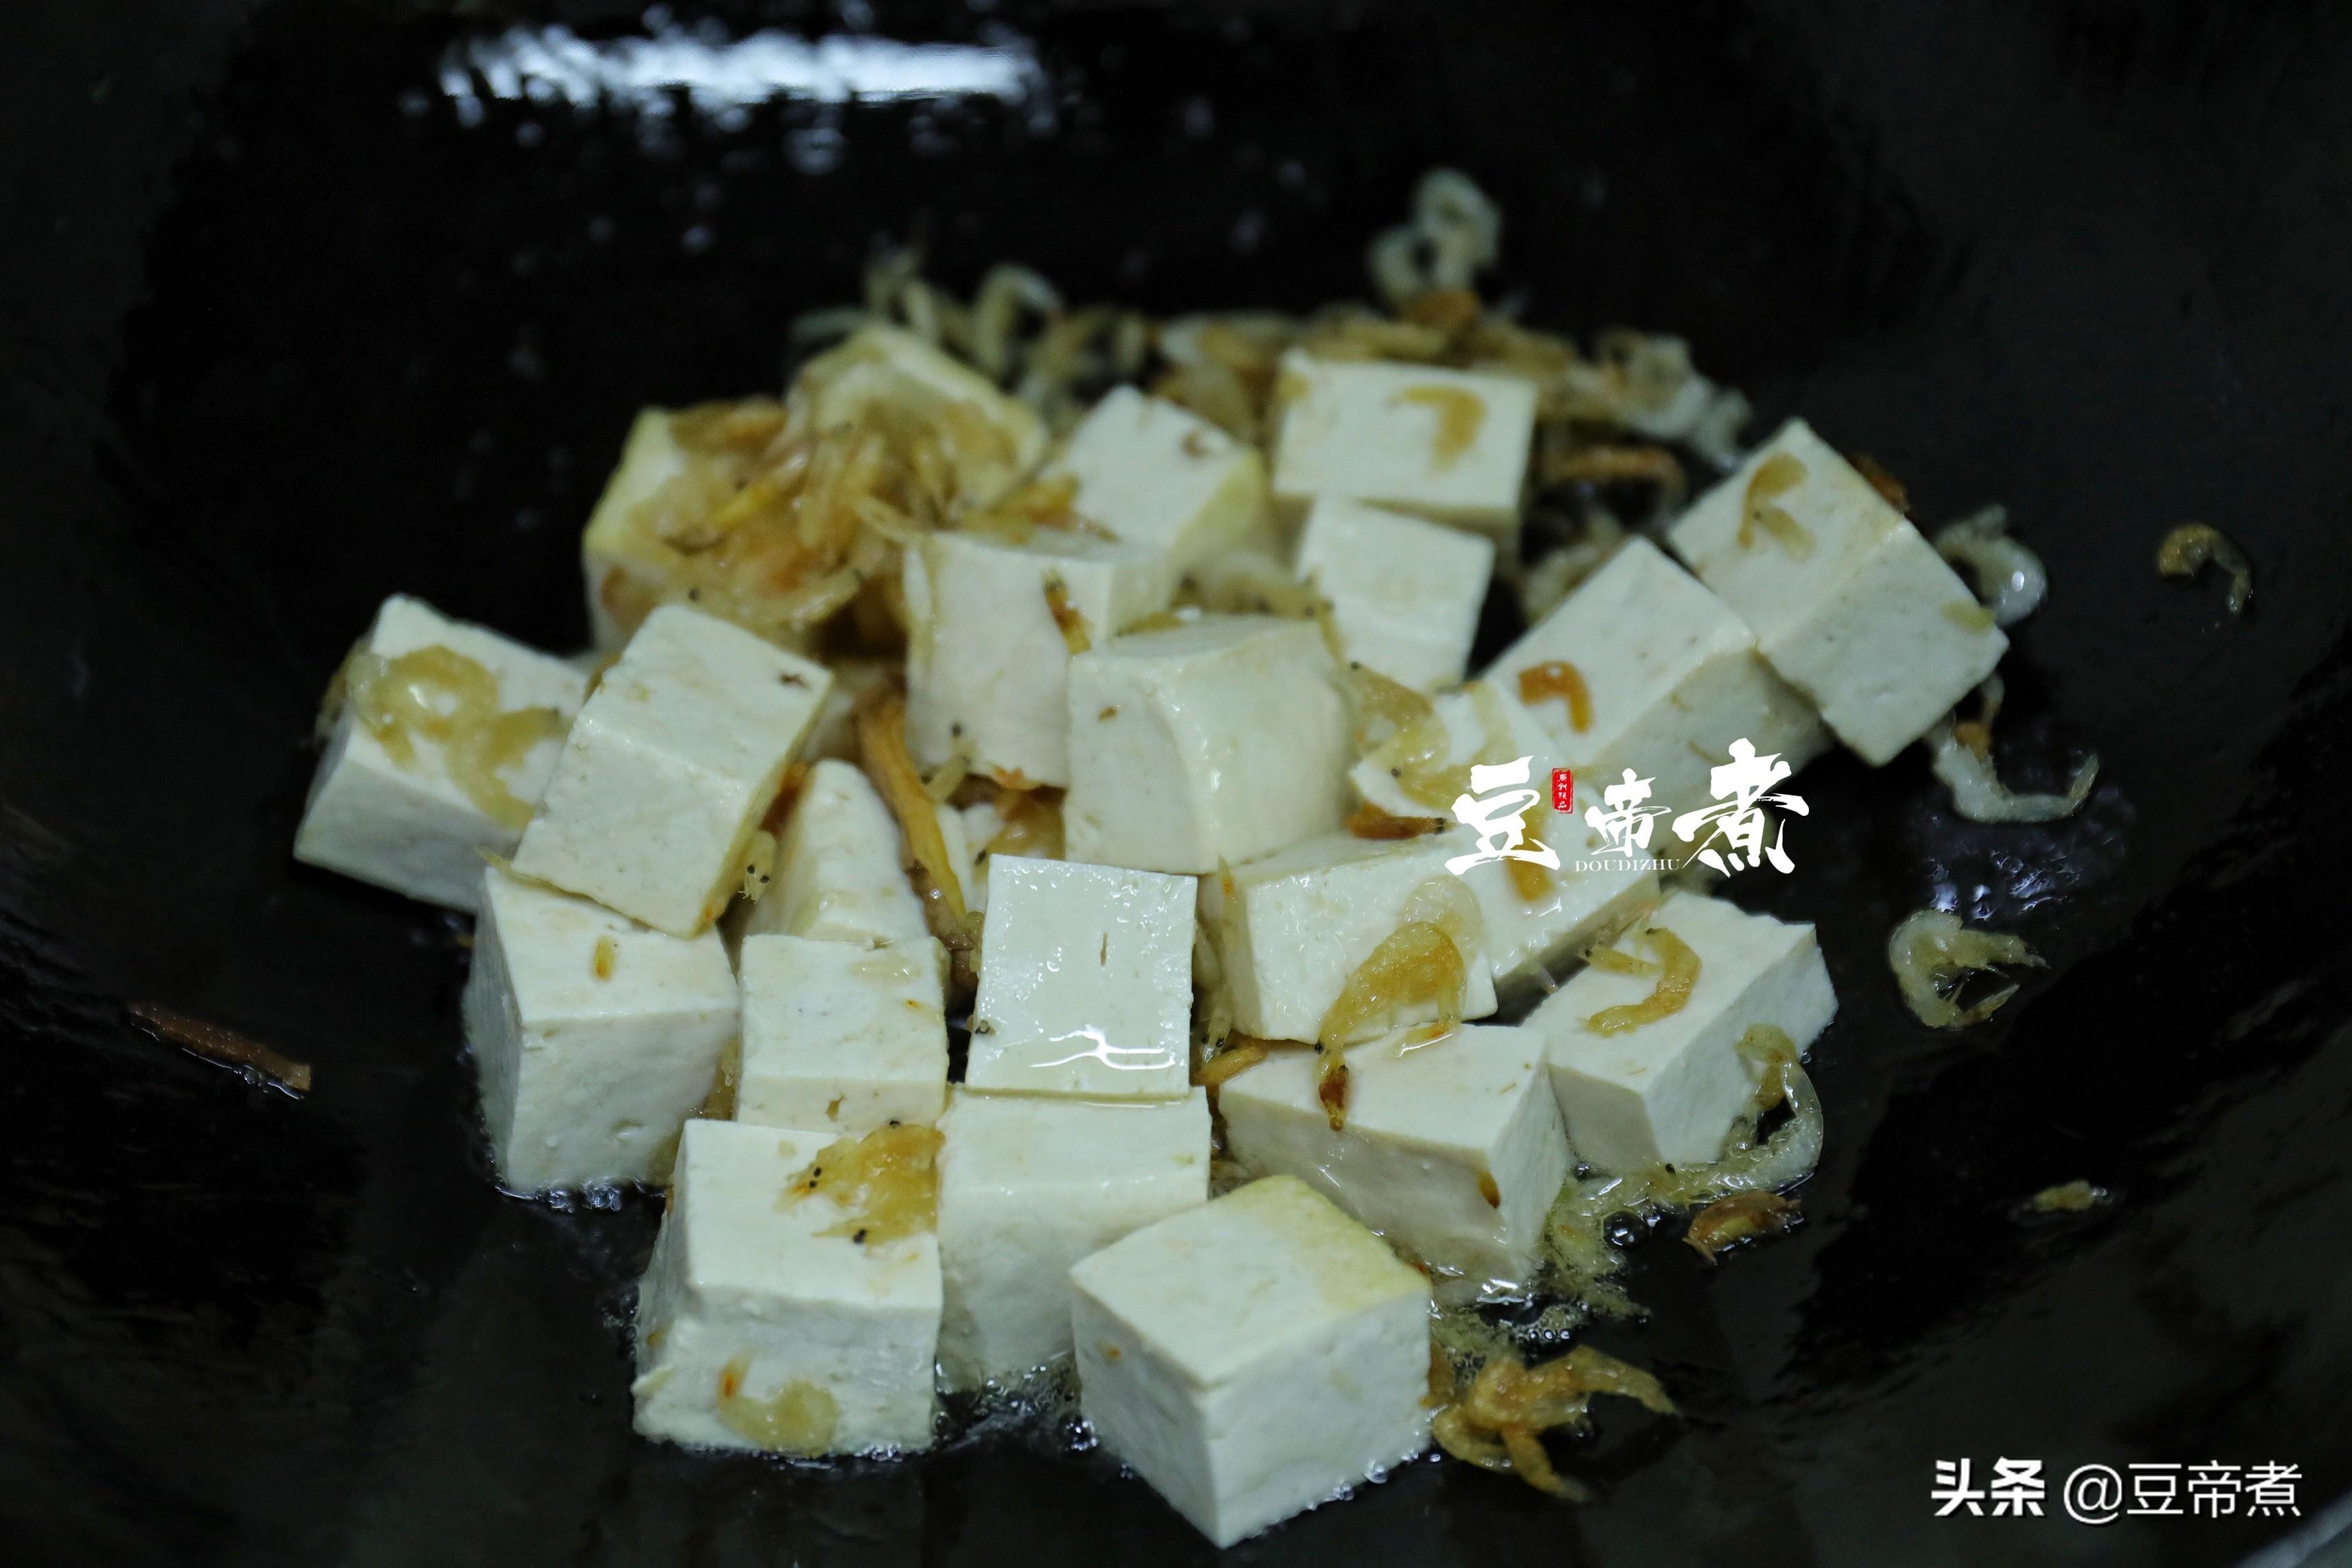 天一熱就想吃這菜,清爽不膩特別下飯,簡單烹炒一盤胜吃牛羊豬肉